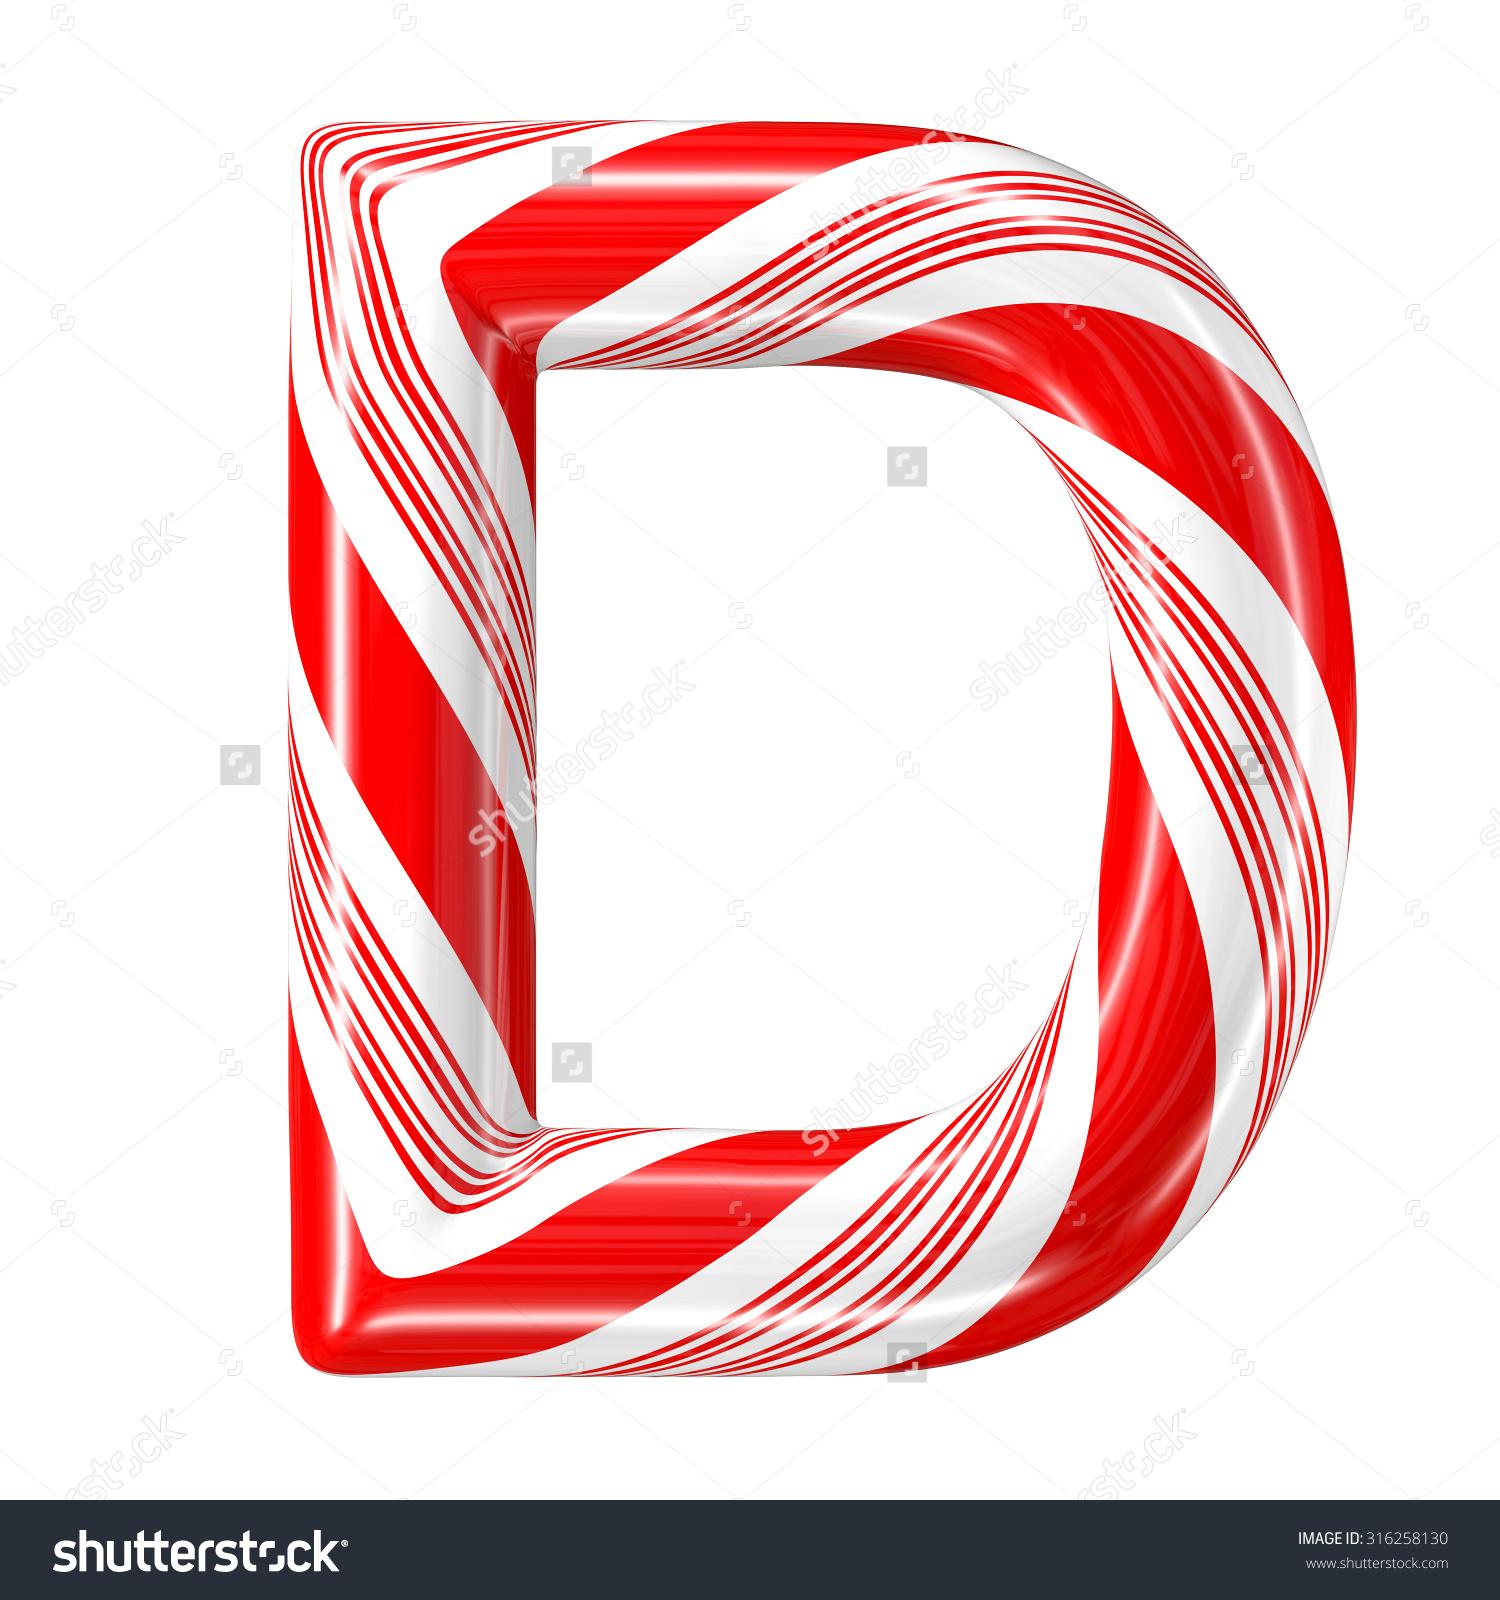 Letter clipart candy Art cane letters Letters alphabet